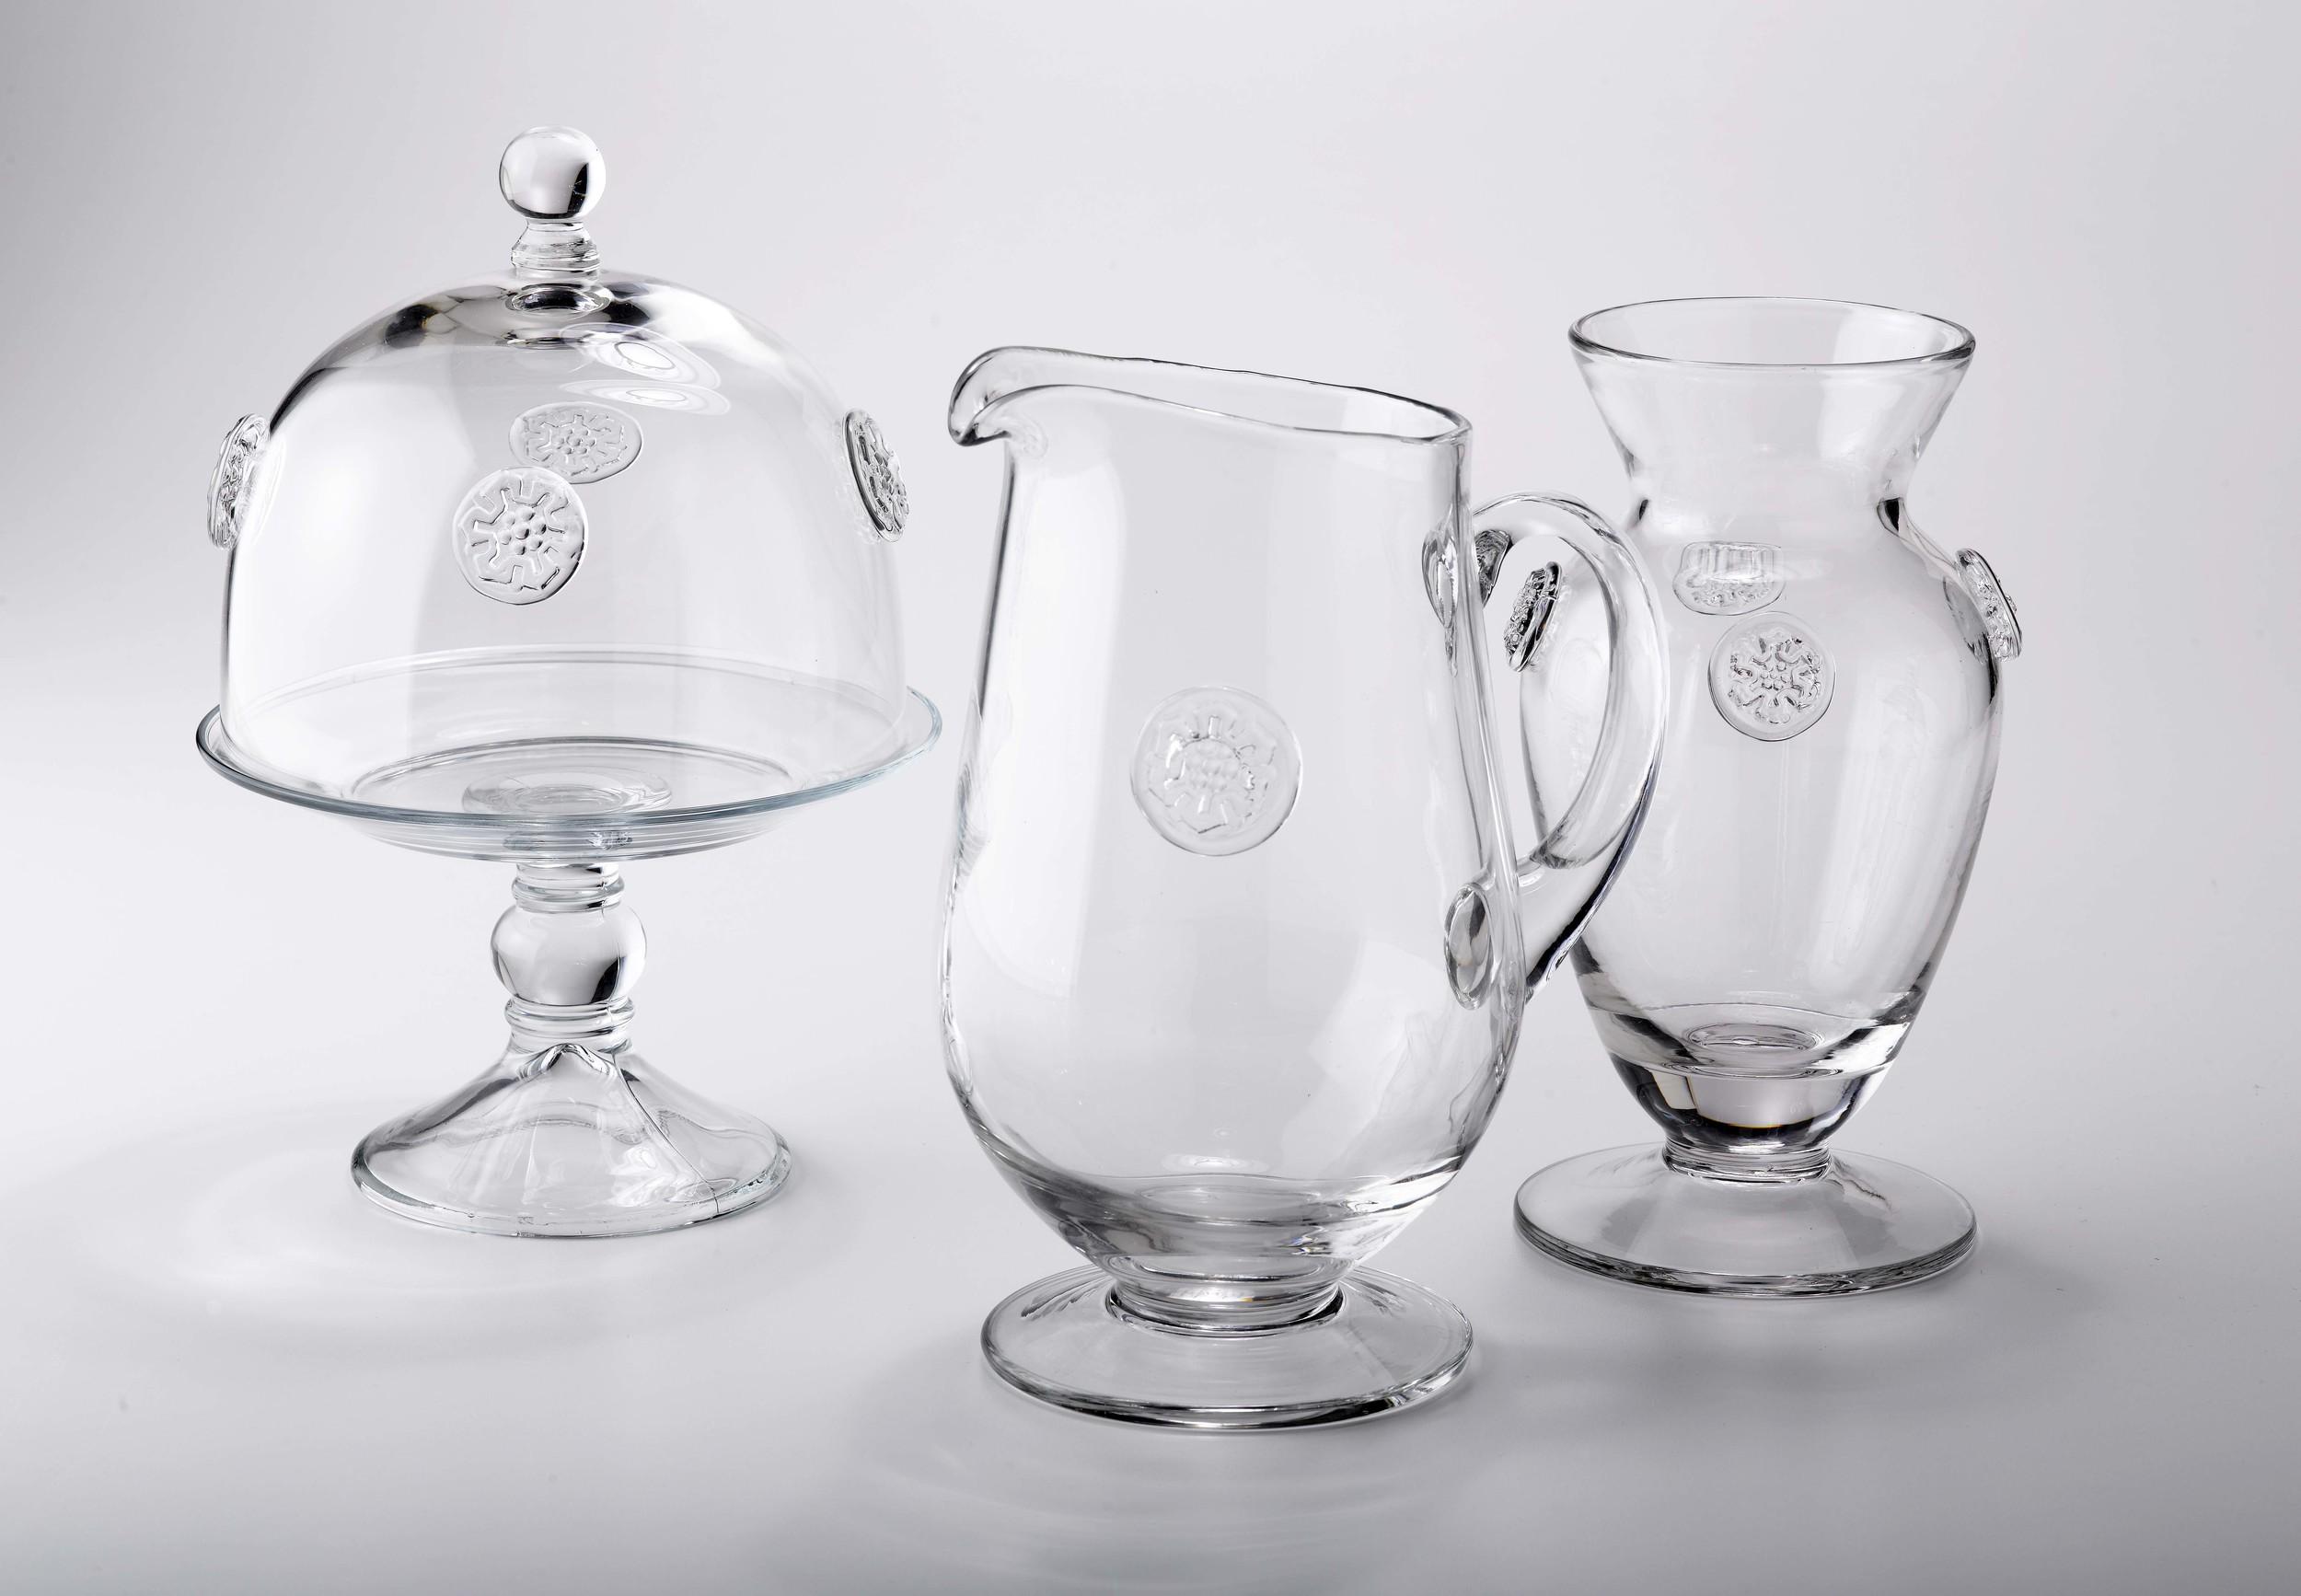 meridianglasswarevase etc copy.jpg